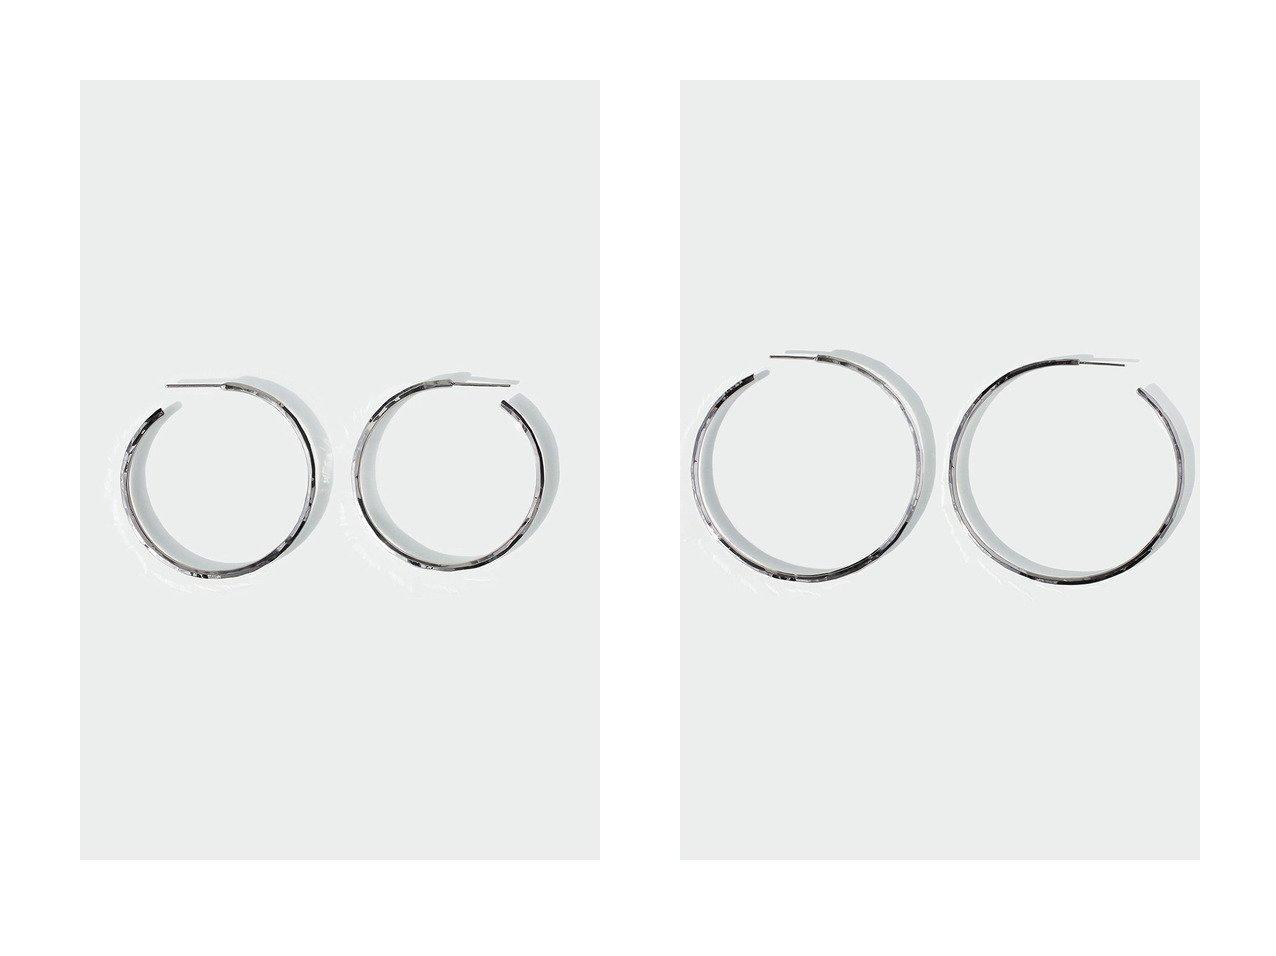 【AYAMI jewelry/アヤミ ジュエリー】のHand Cutting フープピアス M&Hand Cutting フープピアス L アクセサリー・ジュエリーのおすすめ!人気、レディースファッションの通販 おすすめで人気のファッション通販商品 インテリア・家具・キッズファッション・メンズファッション・レディースファッション・服の通販 founy(ファニー) https://founy.com/ ファッション Fashion レディース WOMEN カッティング シンプル ジュエリー ハンド フープ ランダム |ID:crp329100000003809